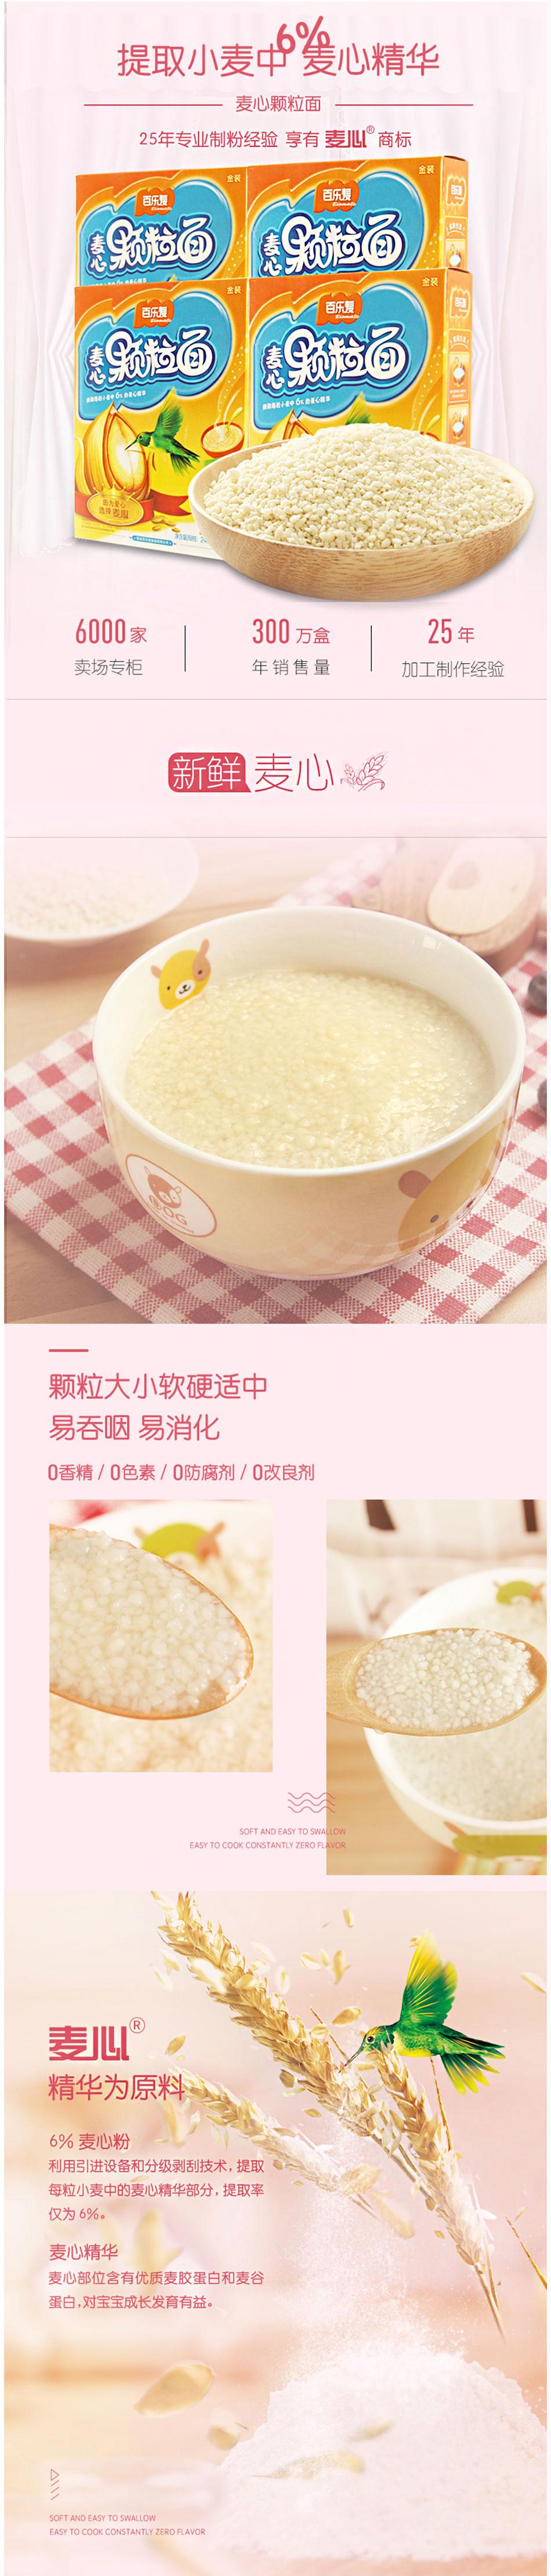 青岛华鼎纵横服务百乐麦线上品牌设计推广